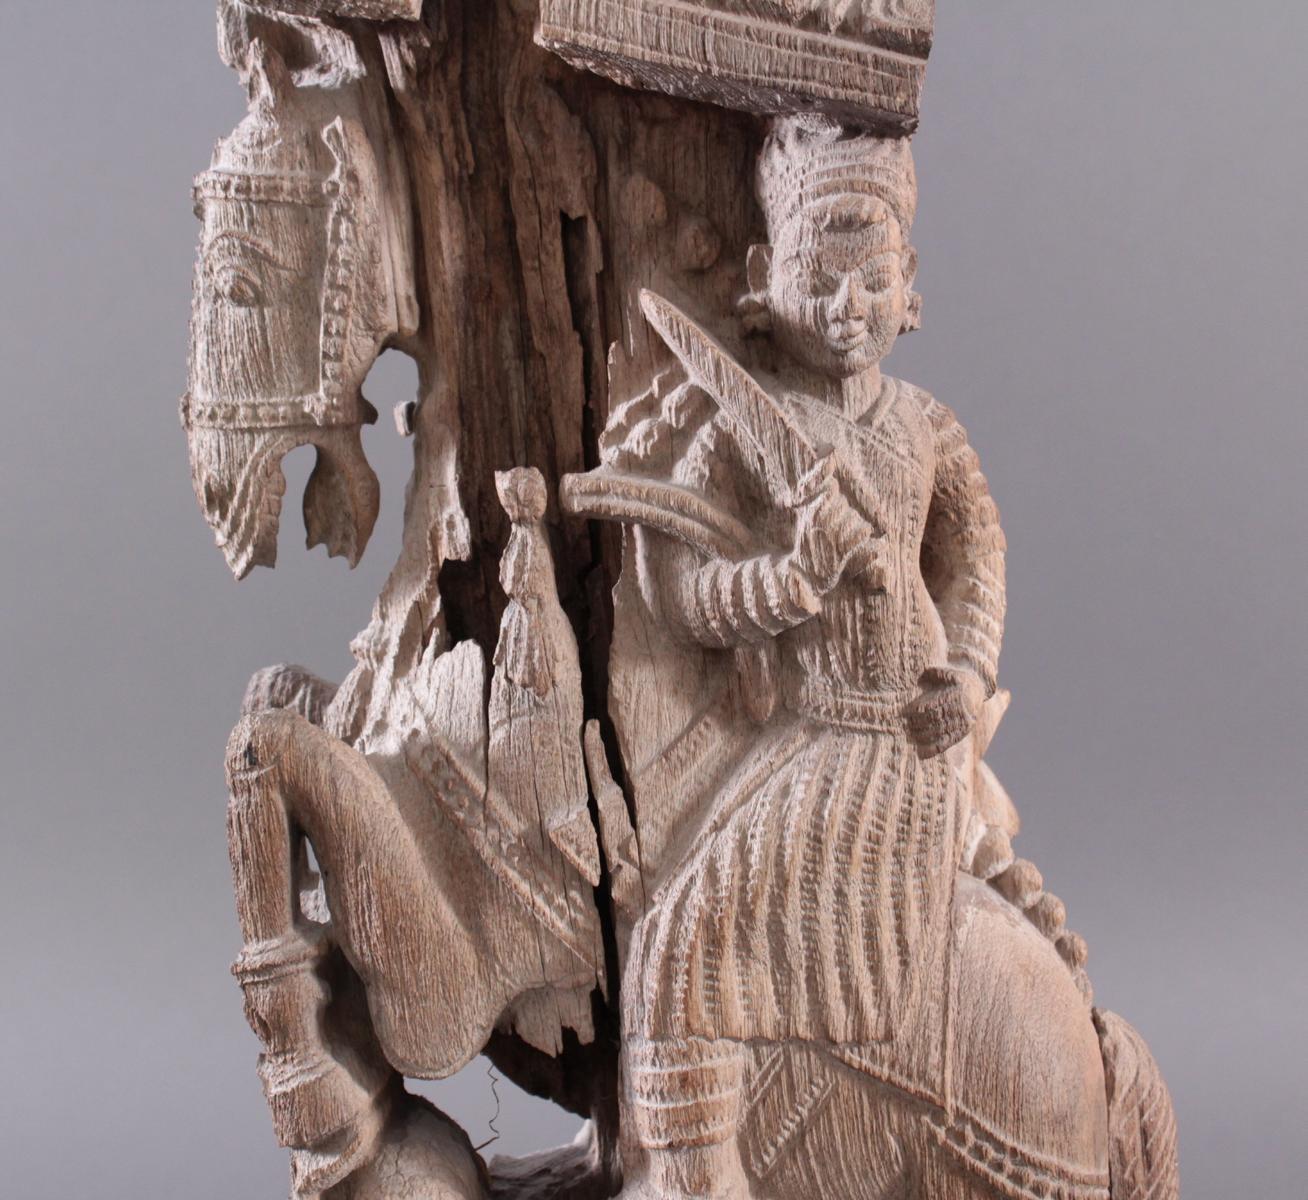 Holzplastik eines Reiters auf einem Pferd, Indien wohl Orissa 15./16. Jh.-9